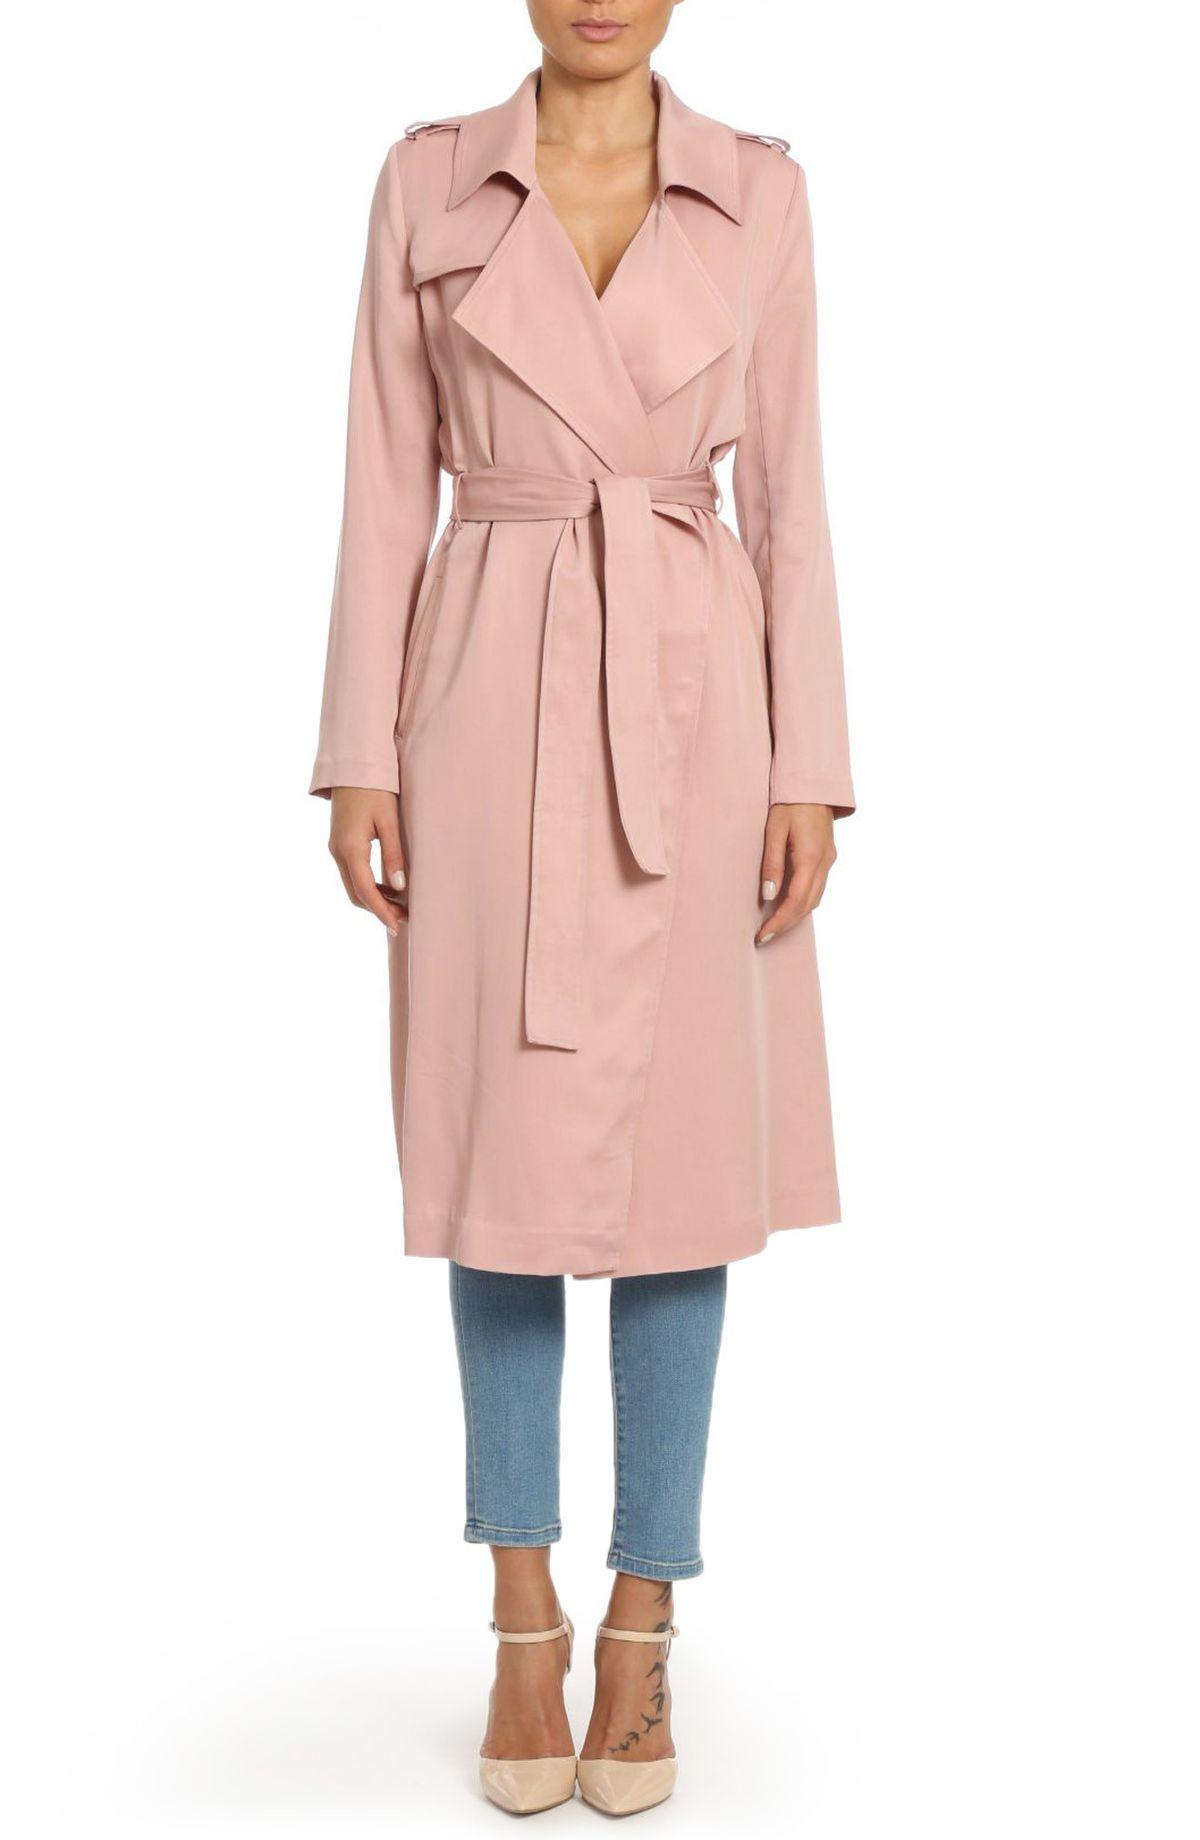 Badgley Mischka pink trench coat